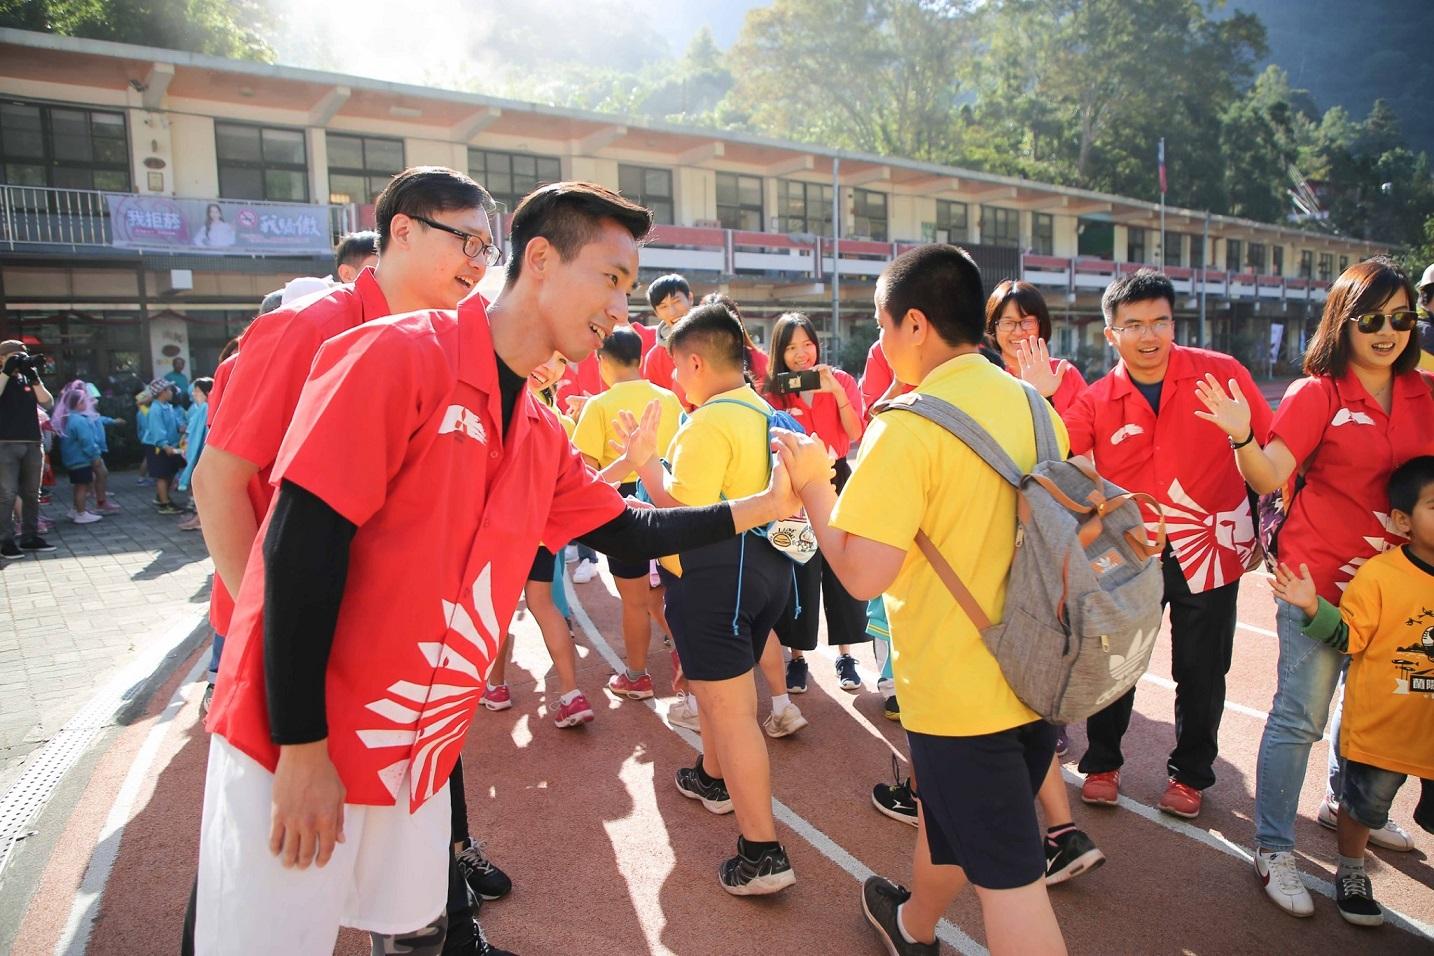 中華三菱志工列隊歡迎五峰國小小朋友參加跨校聯合運動。